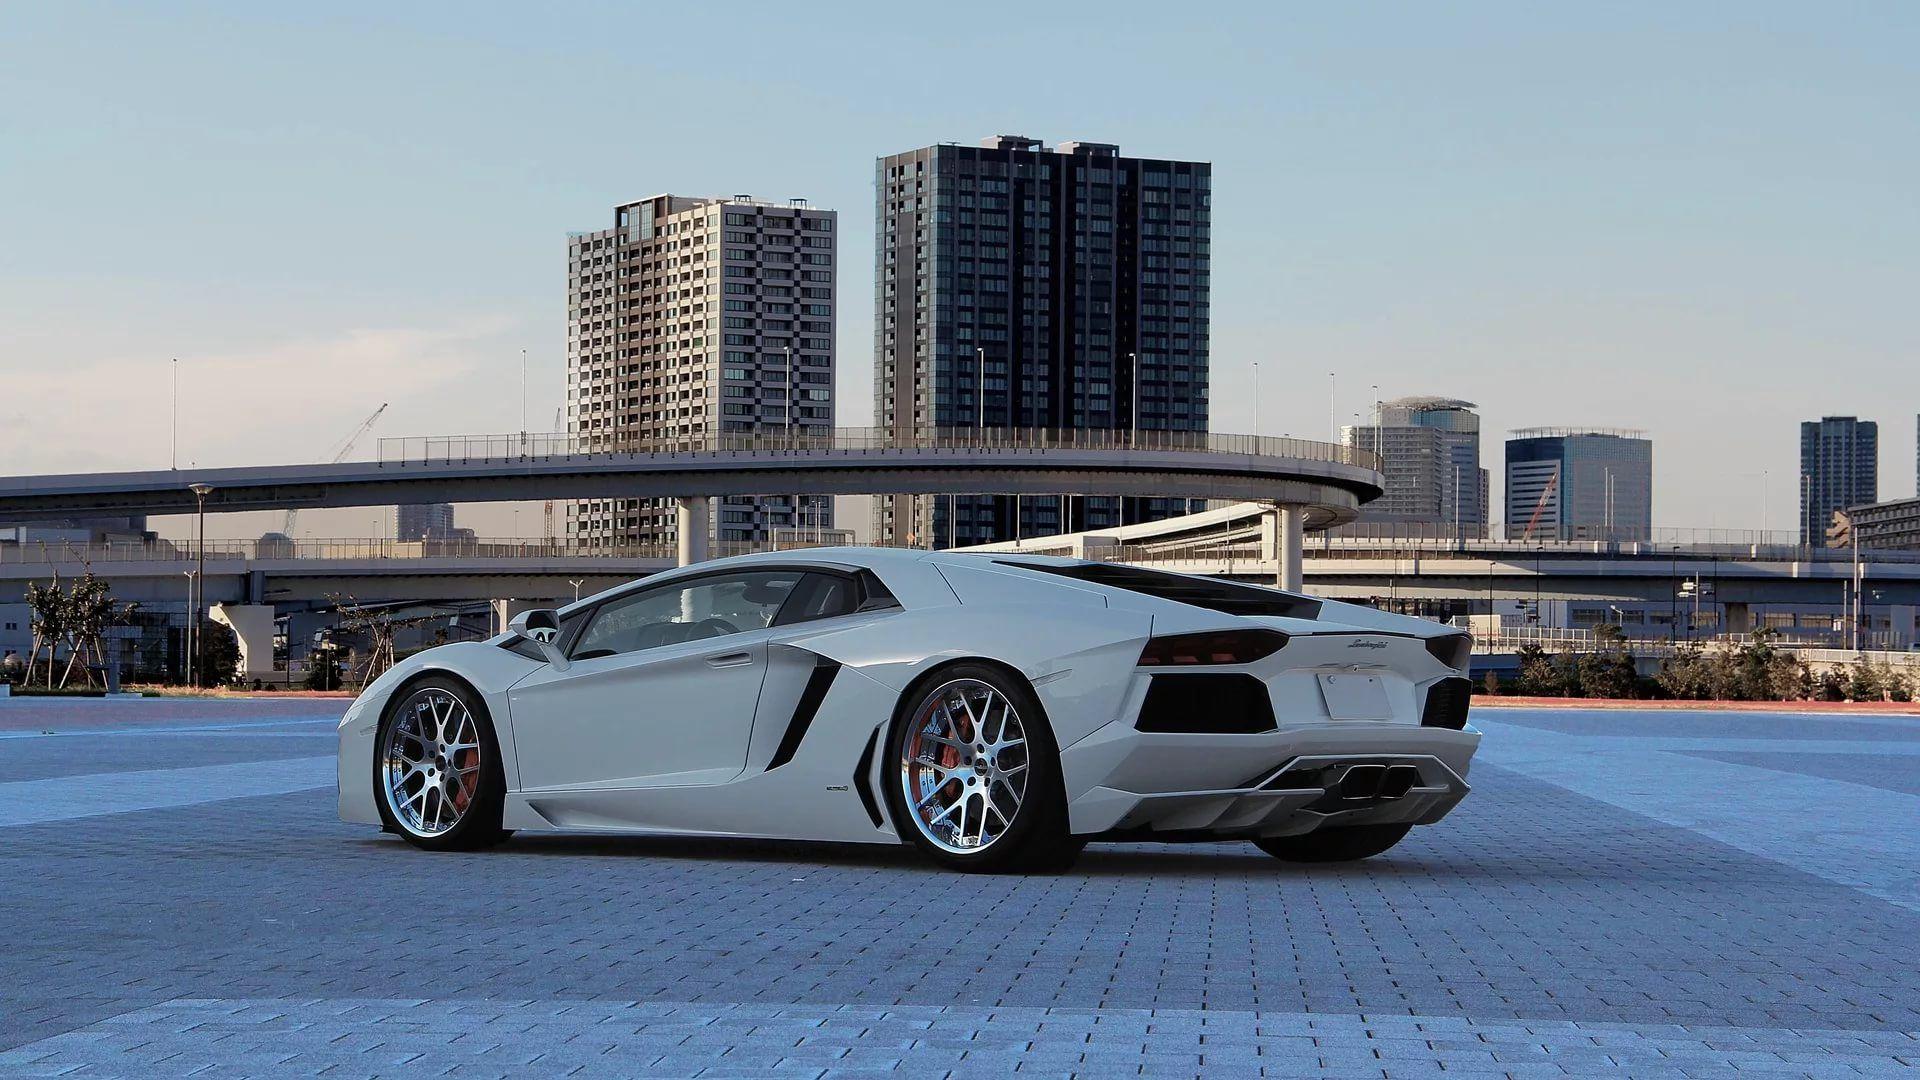 Lamborghini wallpaper theme